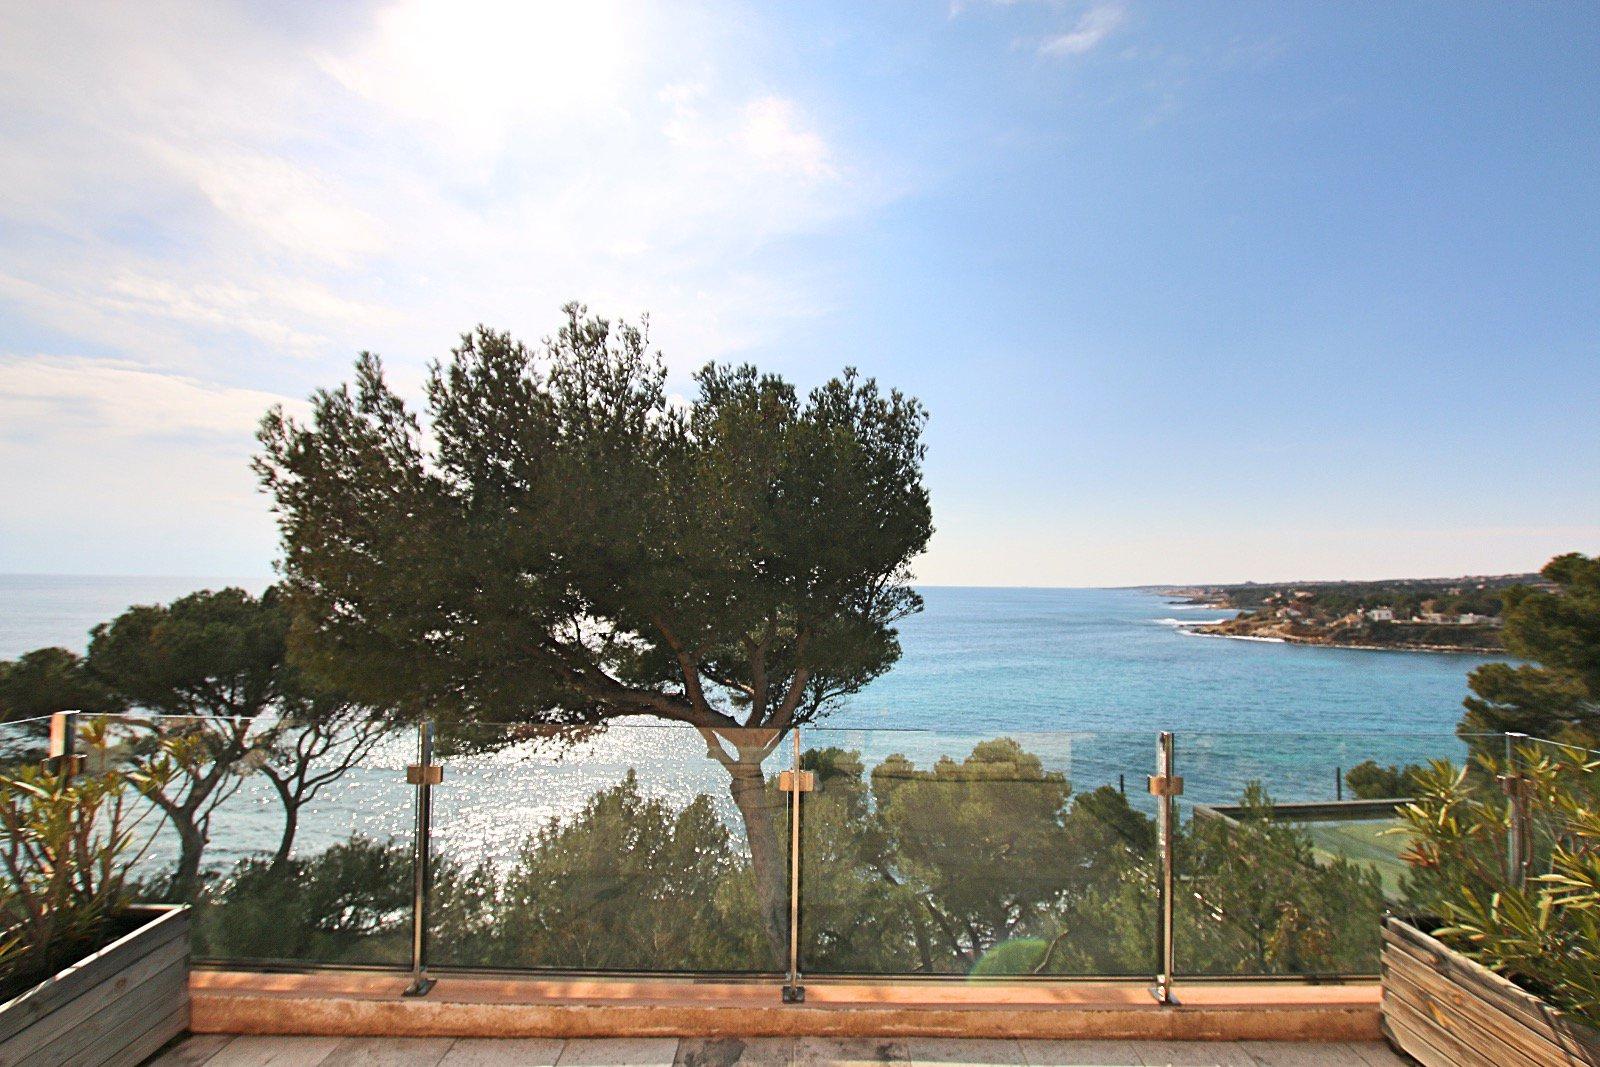 Carry Le Rouet-Spectaculaire Villa D'architecte Pieds Dans L'eau / Cote Bleue